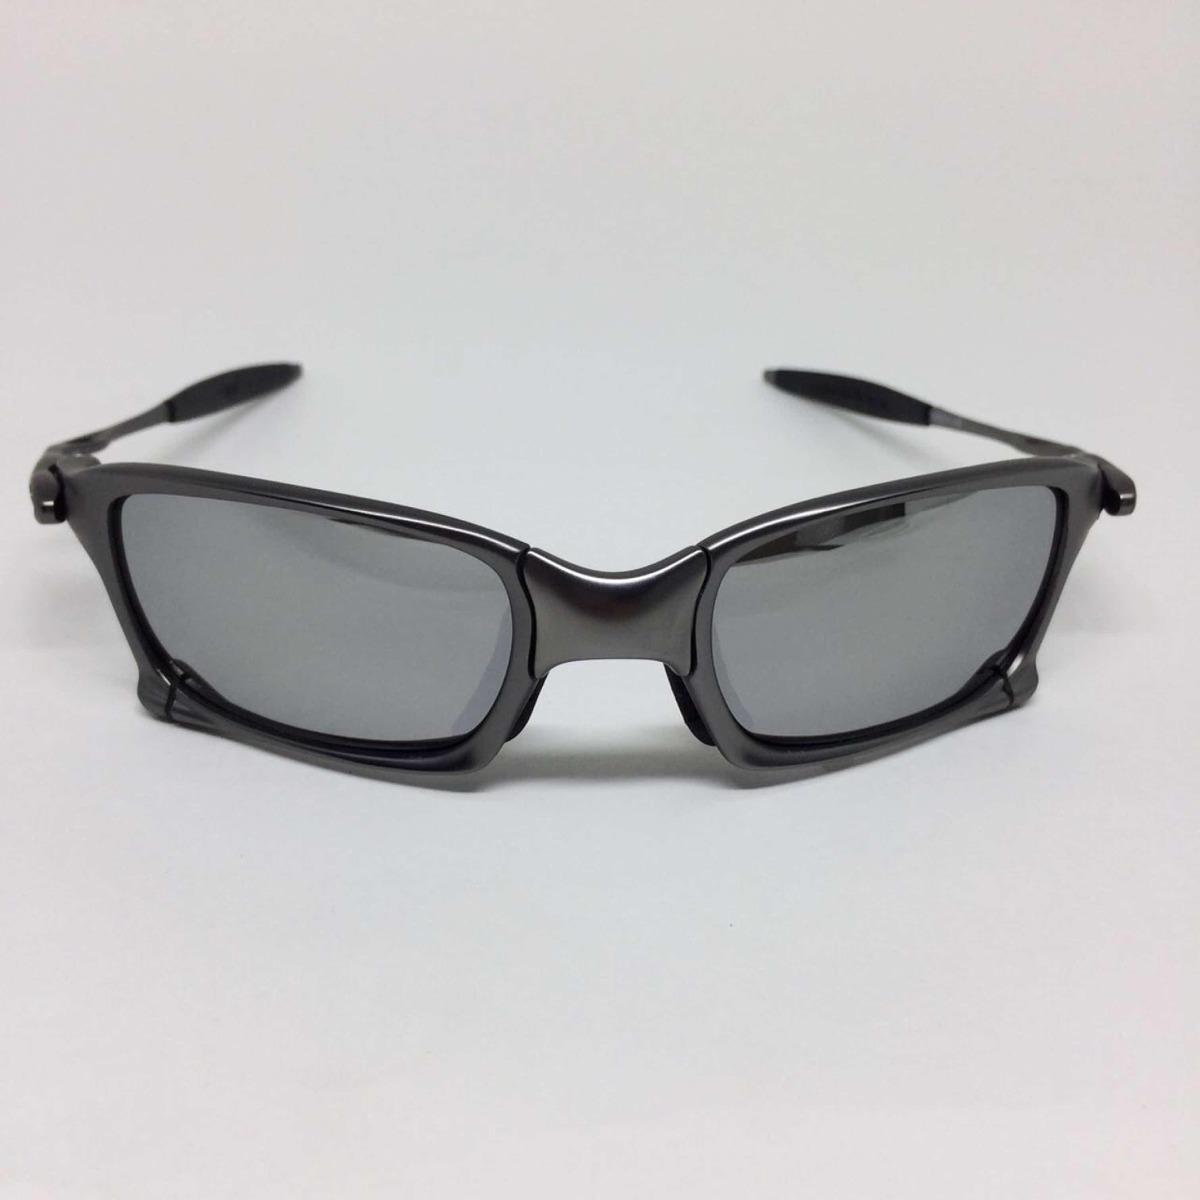 oculos oakley juliet squared armação grafite lente prata. Carregando zoom. a1811f2003